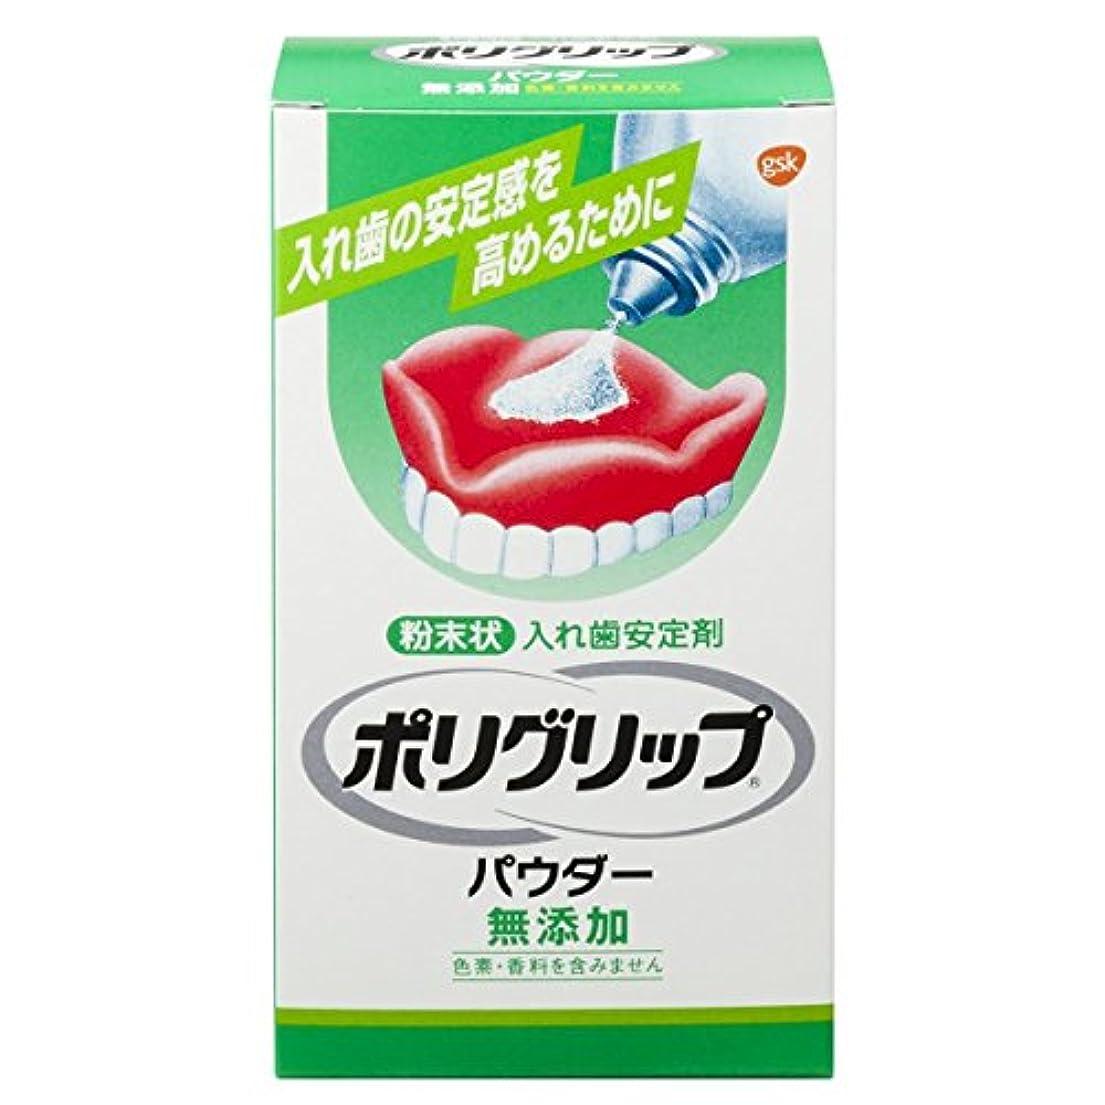 排除マント嫉妬【アース製薬】ポリグリップパウダー 無添加 50g ×3個セット